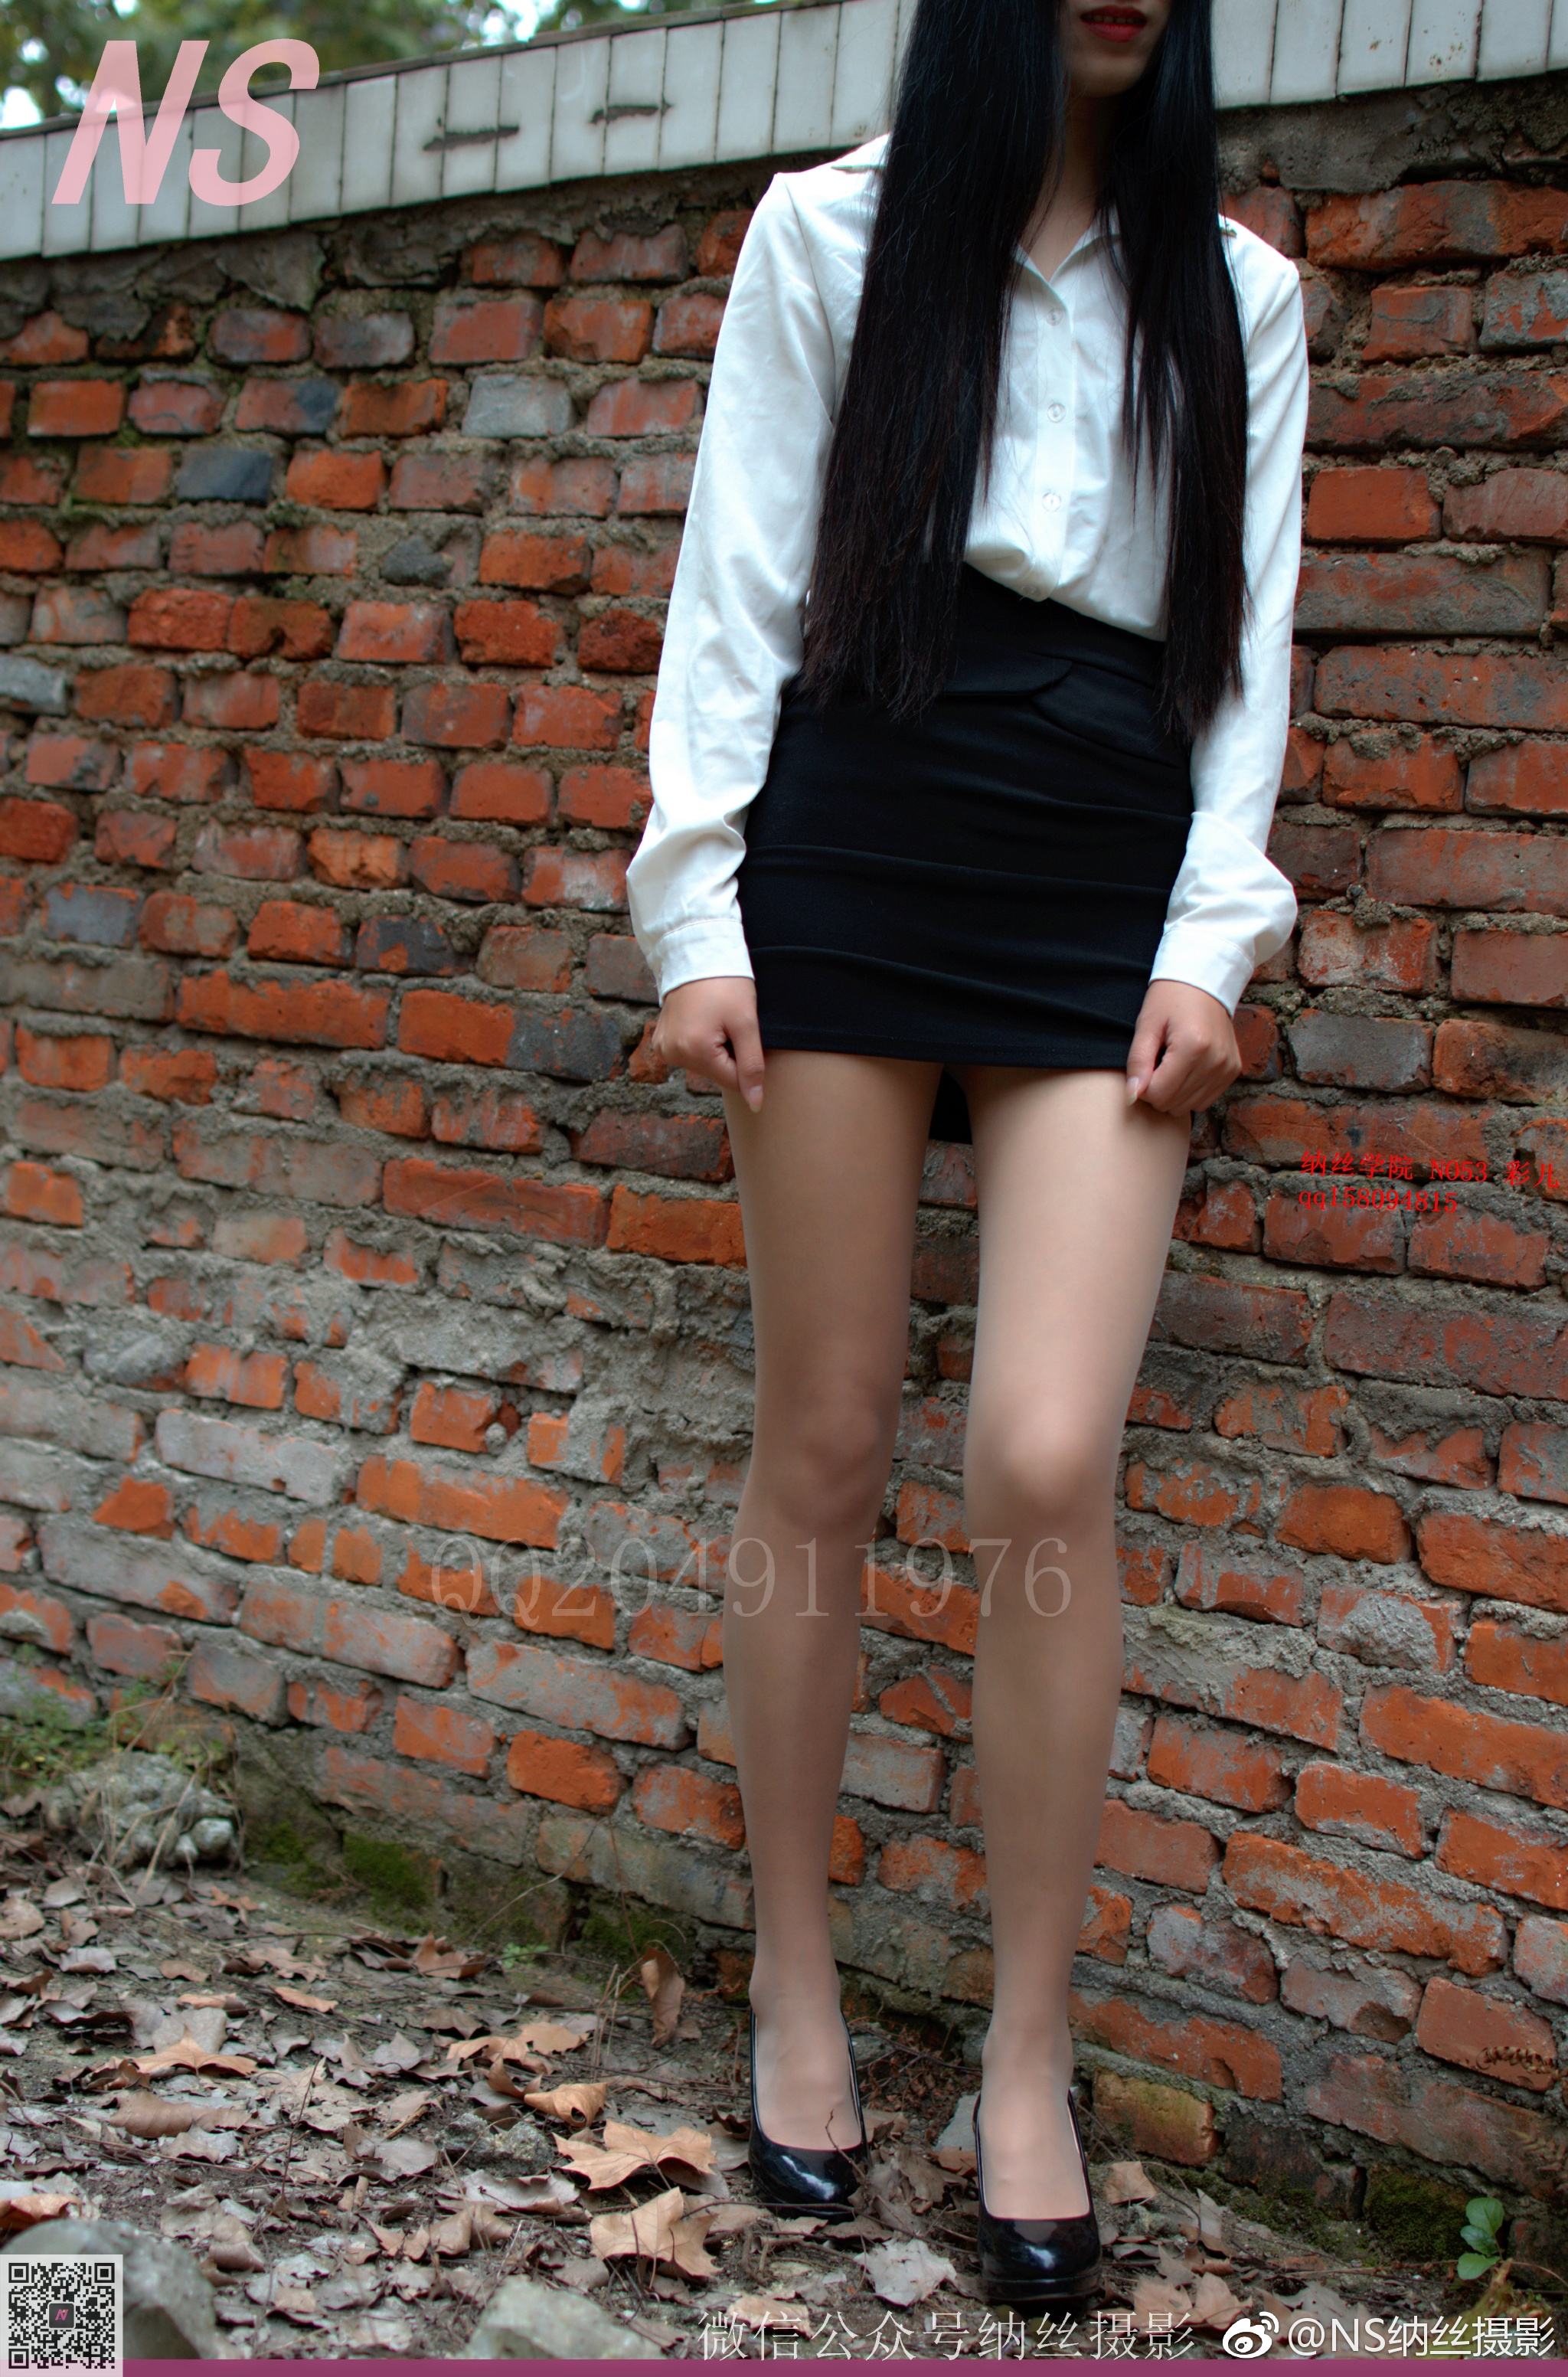 颜值超高的美女丝袜写真机构:NS纳丝摄影(116P)